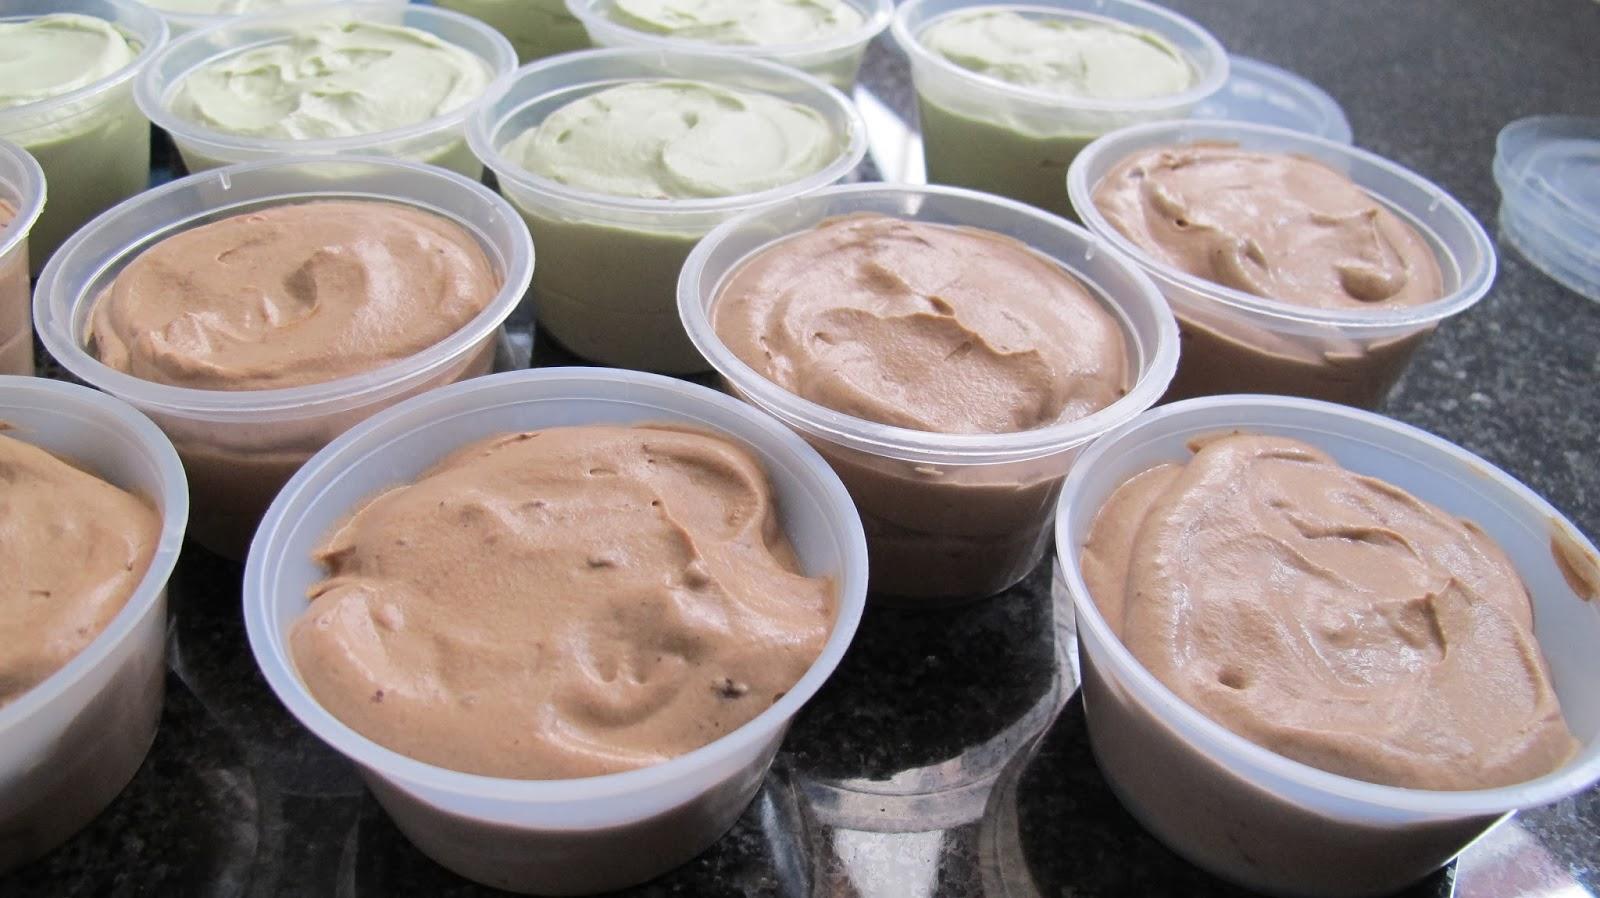 Begini Cara Membuat Es Krim Santan Yang Sederhana Dirumah